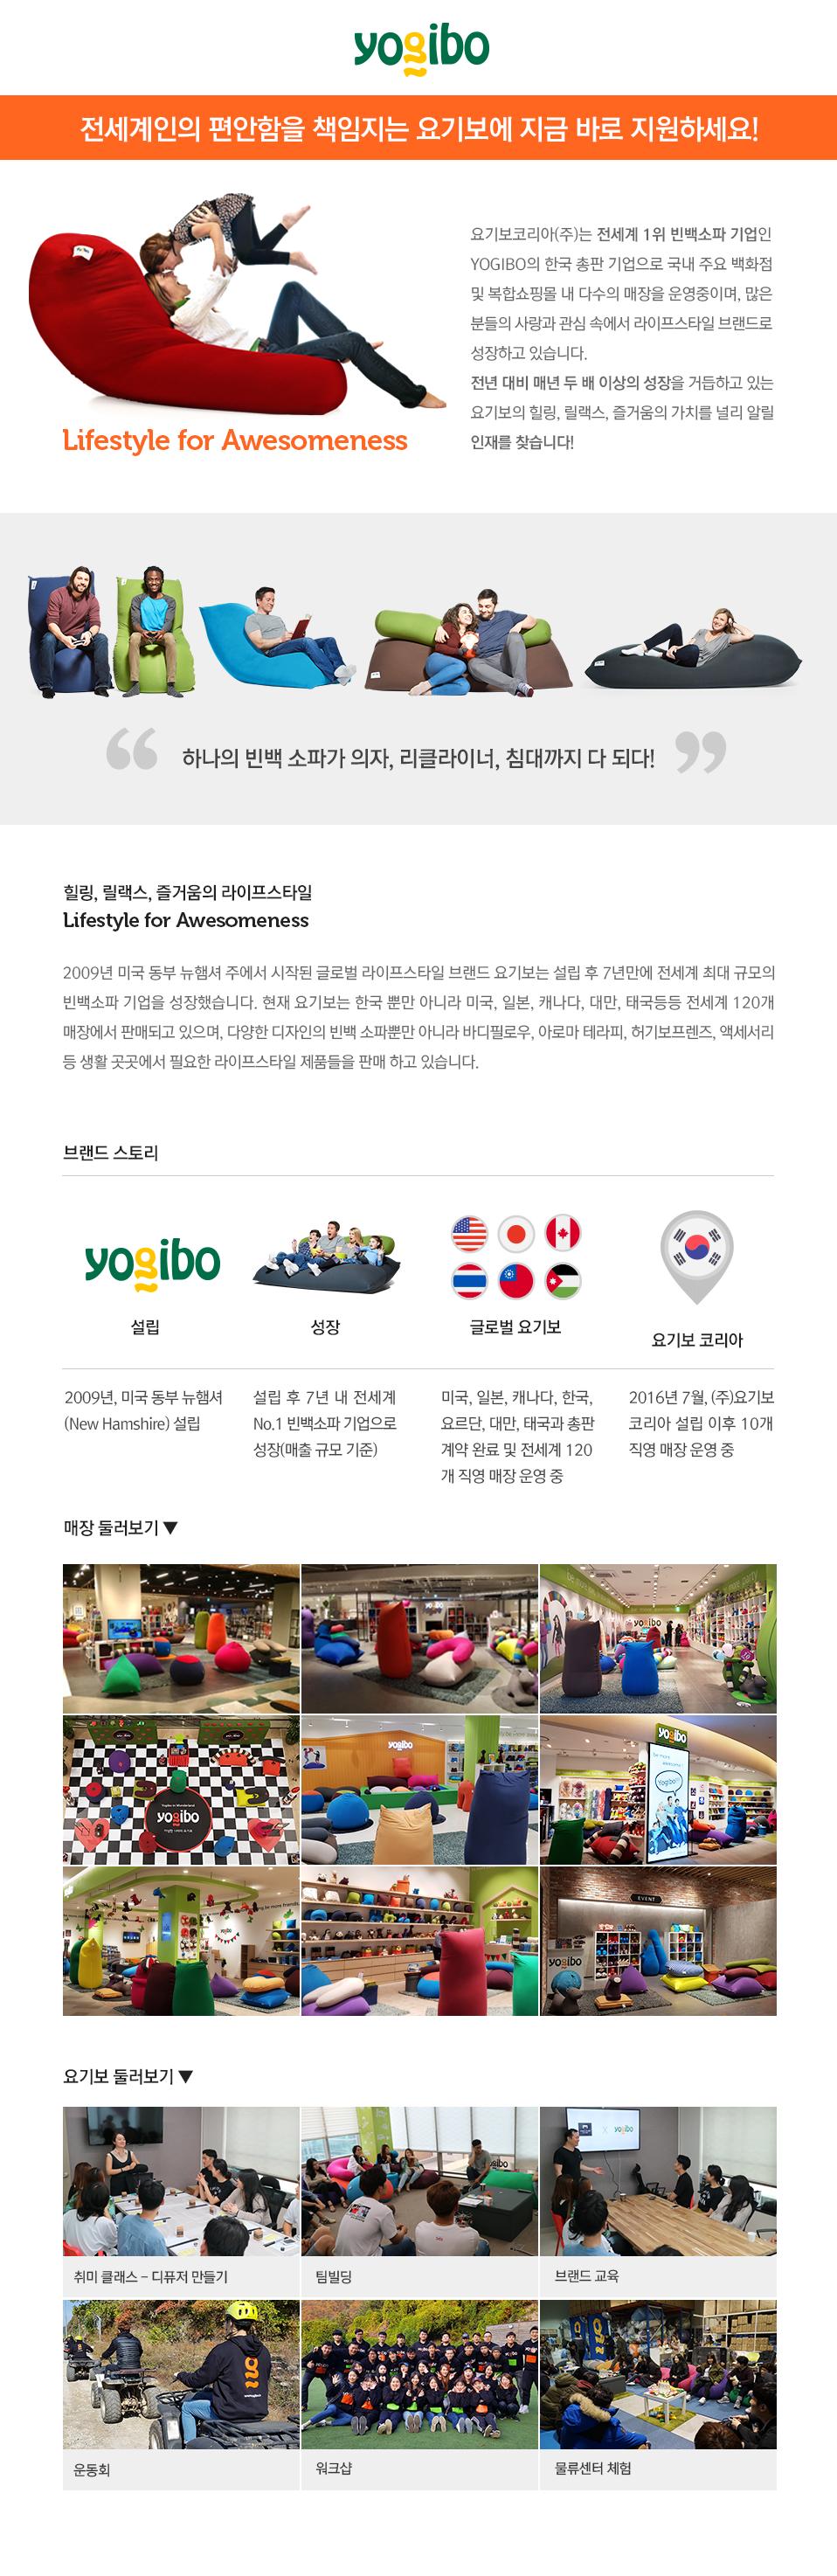 [용산/아이파크몰] 요기보 매장 판매 정규직 채용